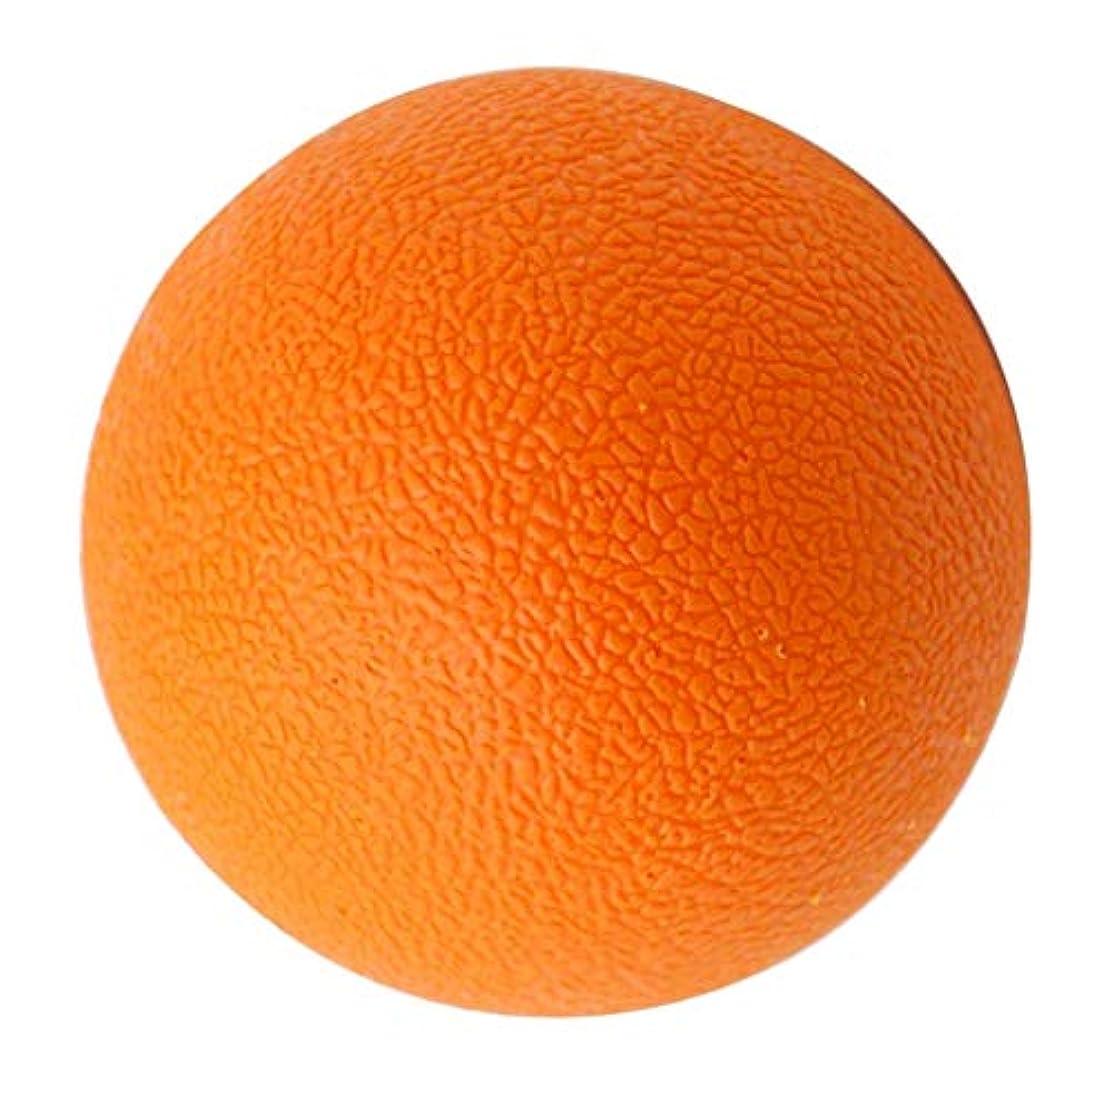 オーロック現実には汚いCUTICATE ラクロスボール マッサージボール トリガーポイント 筋膜リリース 腕、首、背中 解消 オレンジ